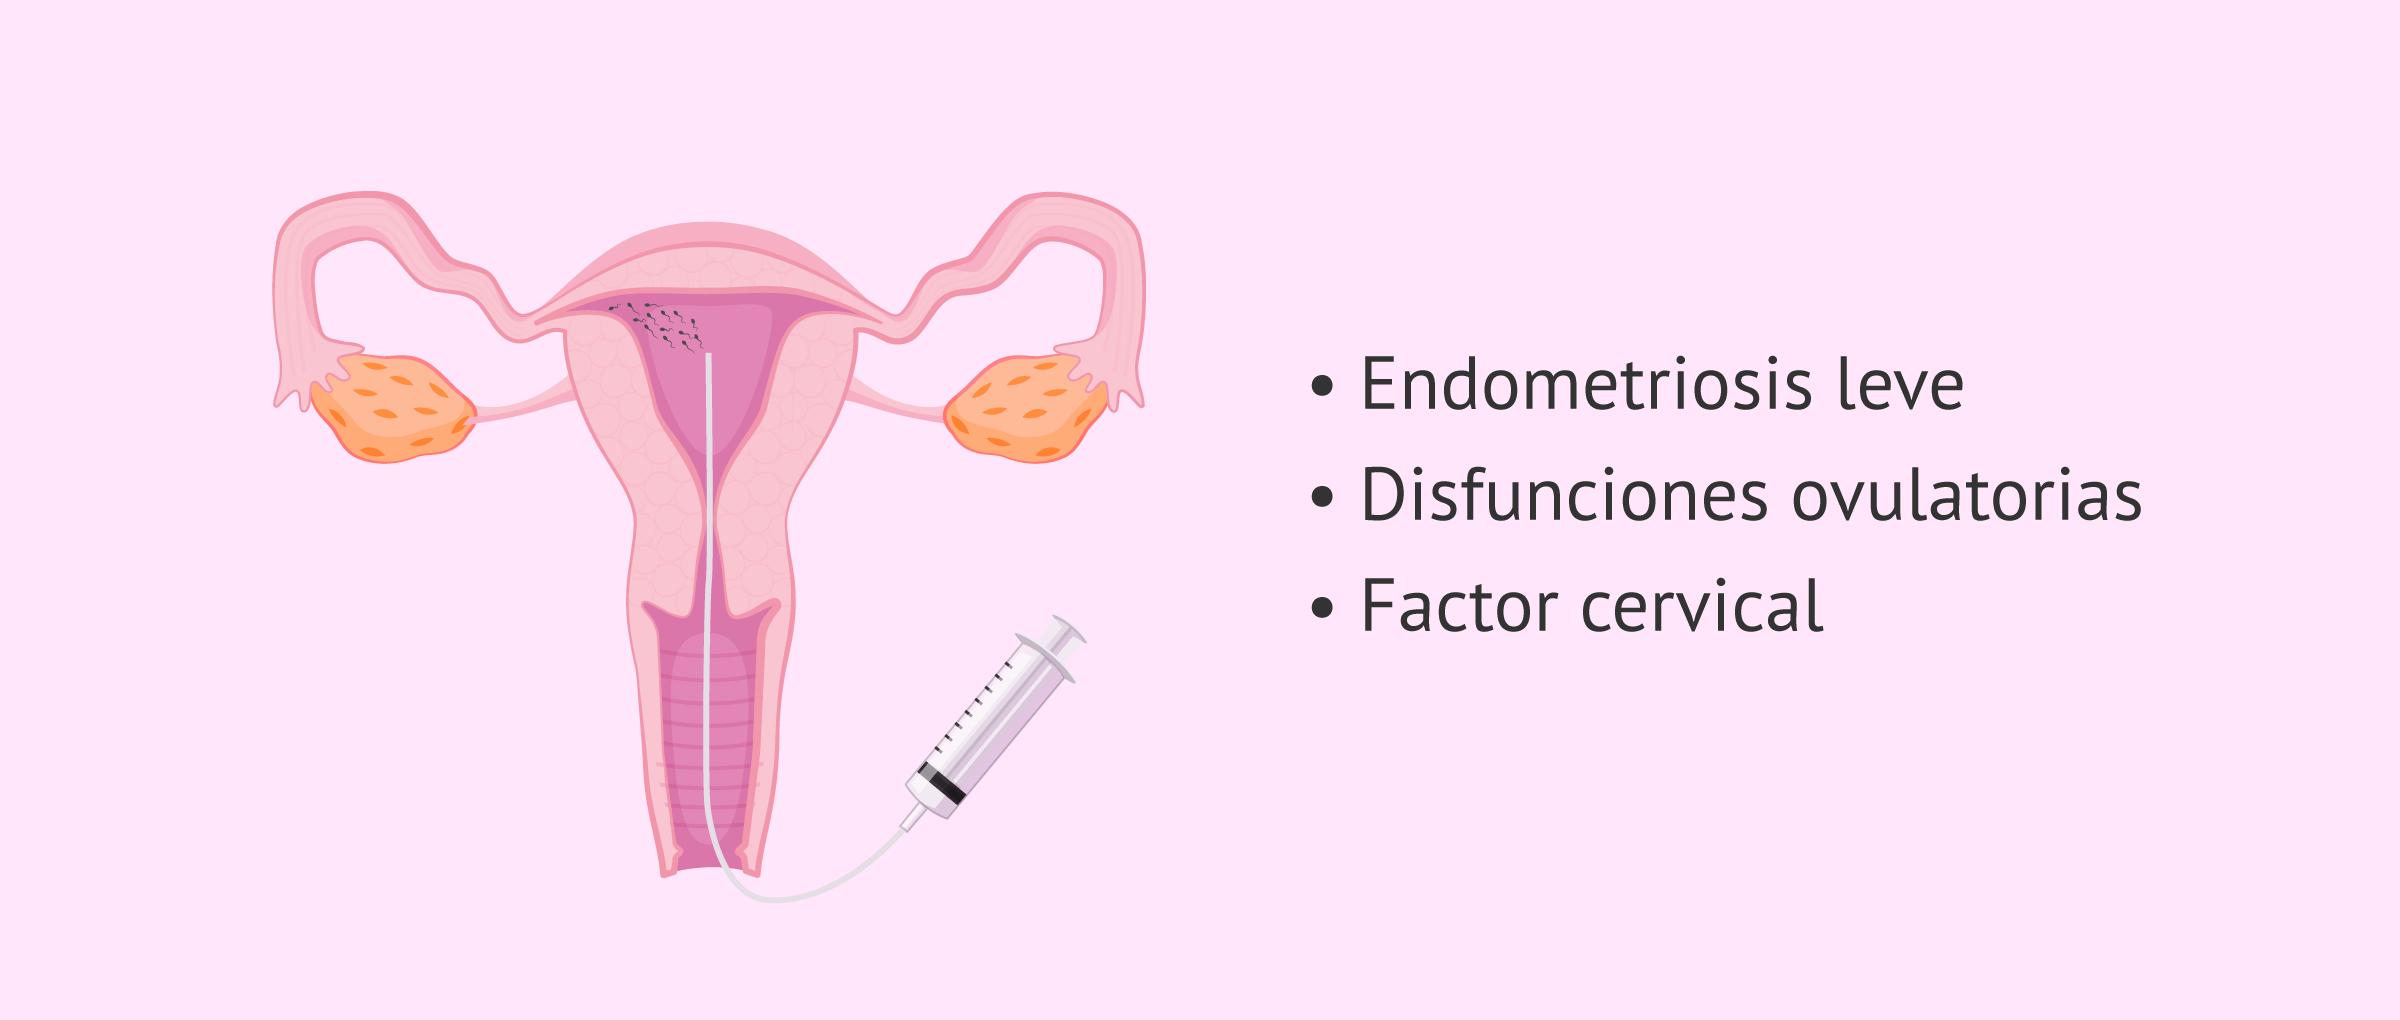 Inseminación artificial (IA) e infertilidad femenina